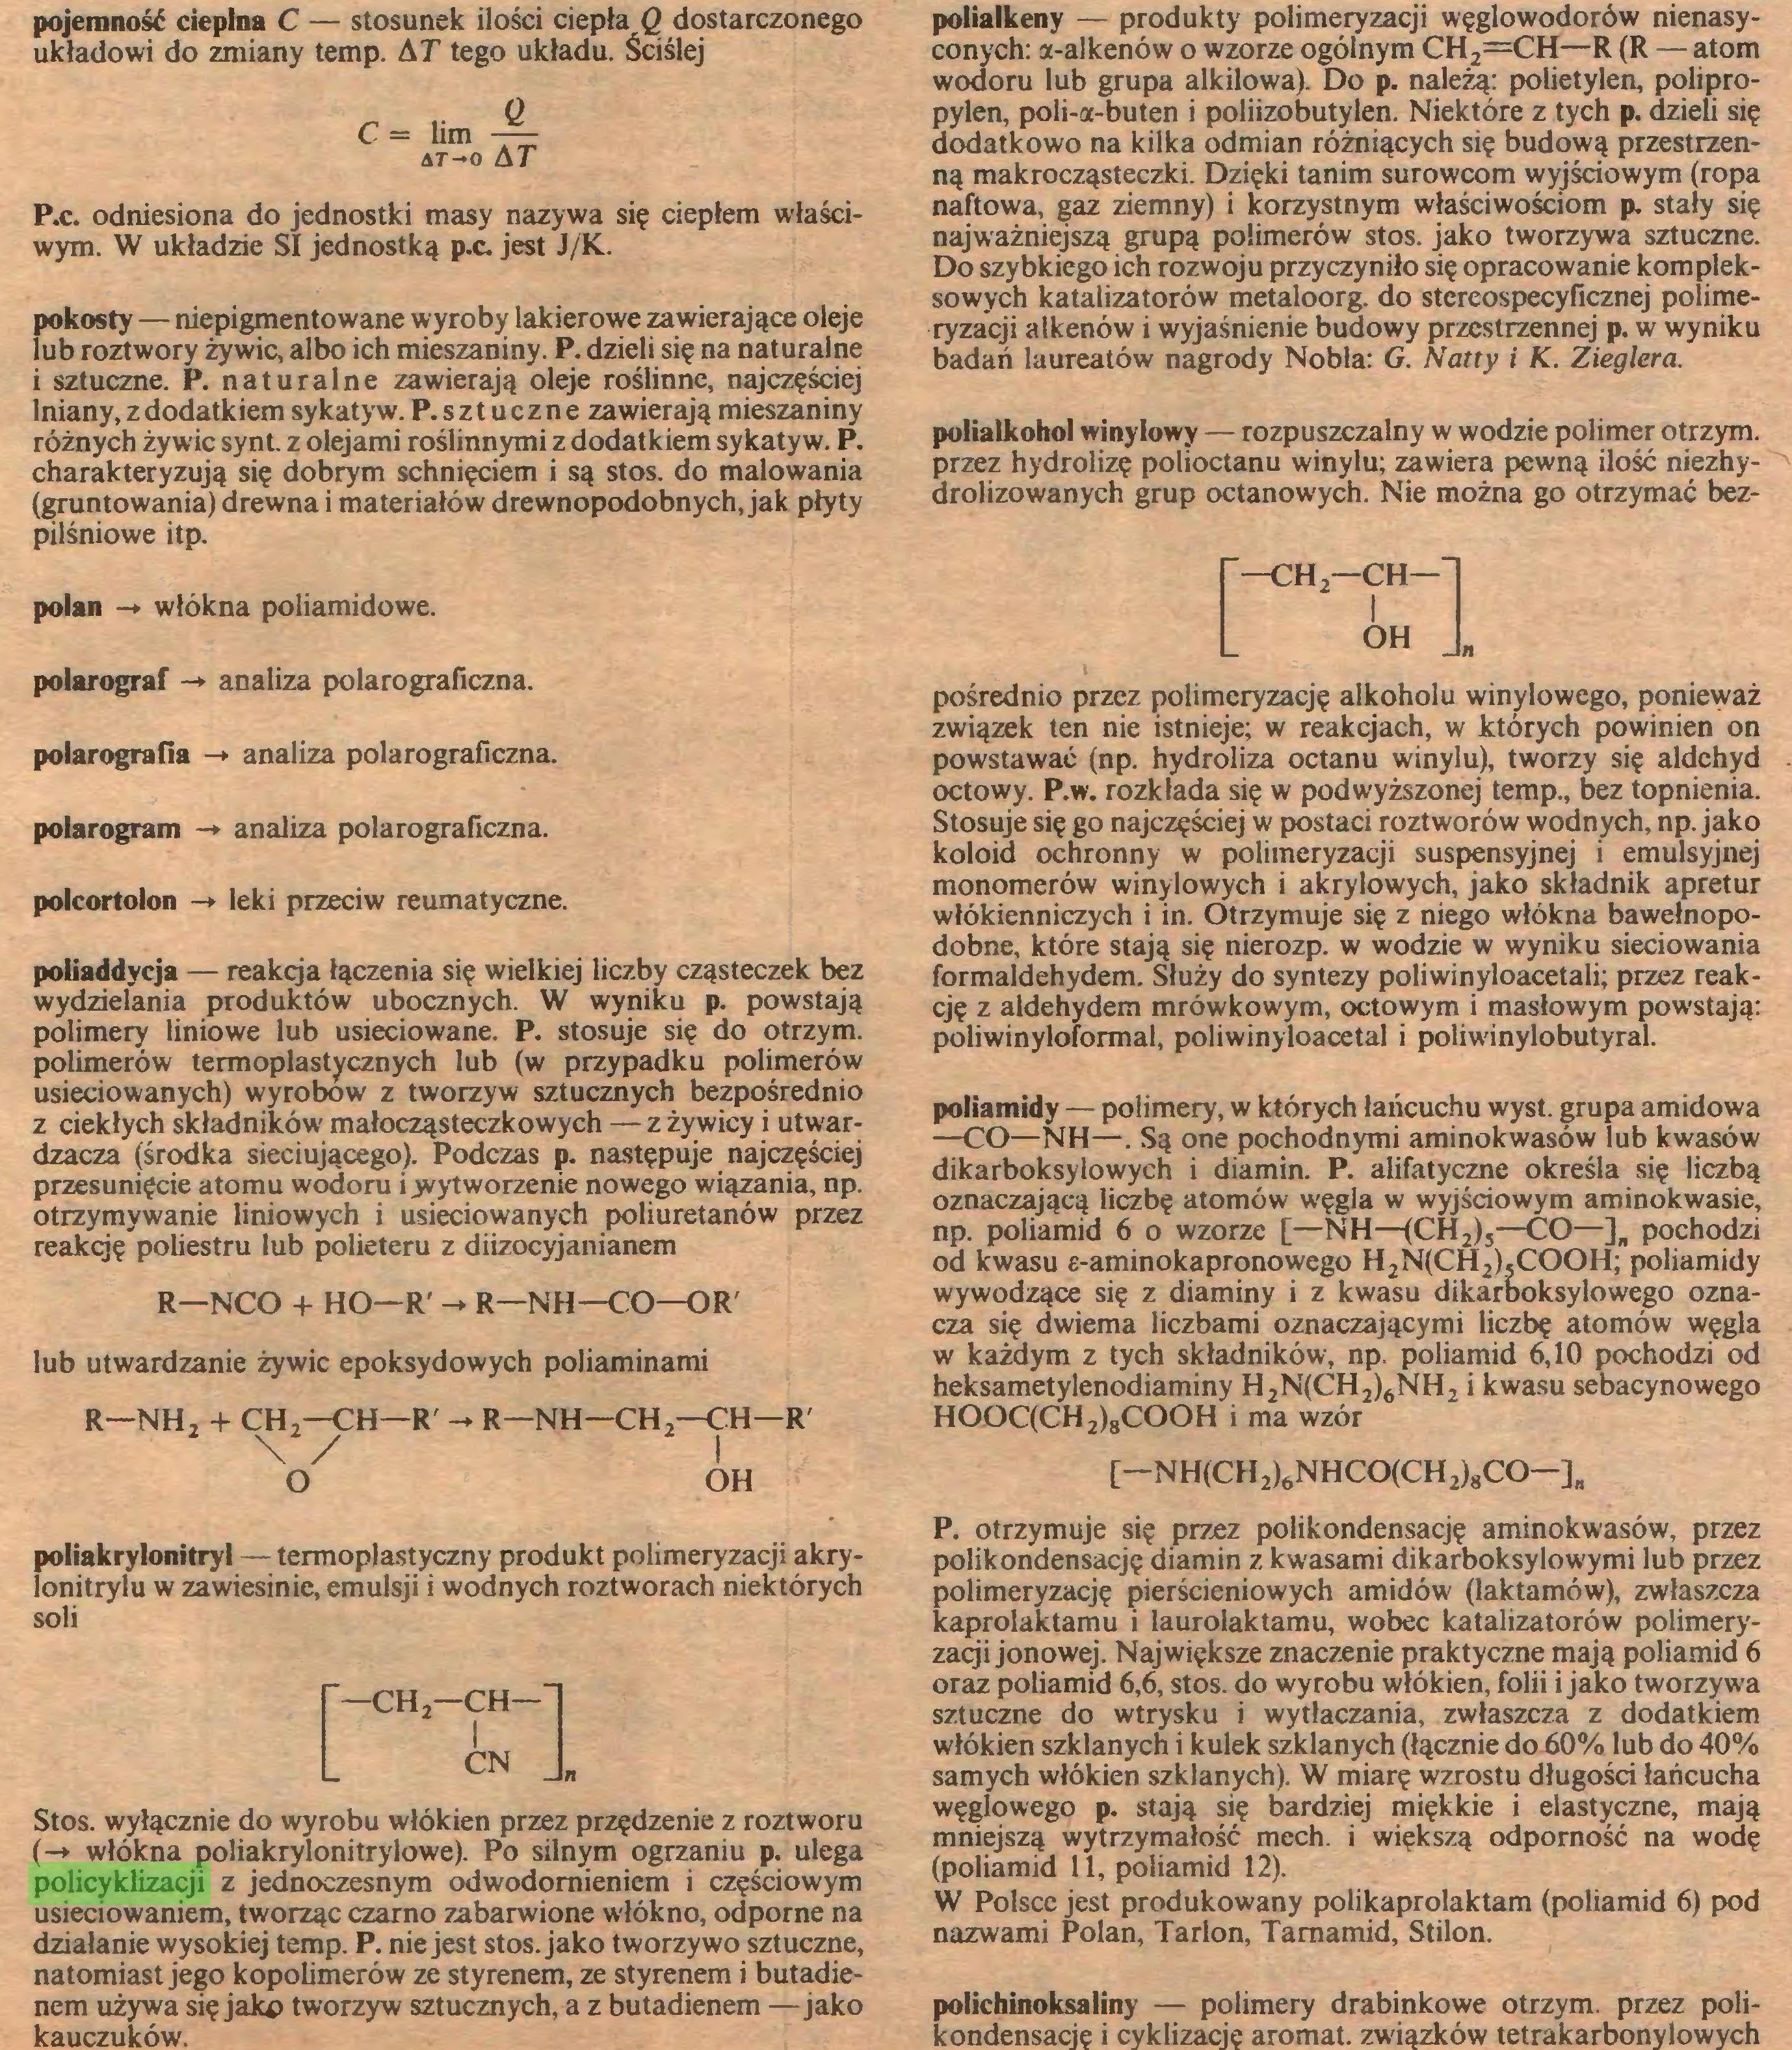 """(...) przesunięcie atomu wodoru i wytworzenie nowego wiązania, np. otrzymywanie liniowych i usieciowanych poliuretanów przez reakcję poliestru lub polieteru z diizocyjanianem R—NCO + HO—R' - R—NH—CO—OR' lub utwardzanie żywic epoksydowych poliaminami R—NH, + CH,—CH—R' V / O R—NH—CH 2—CH—R' OH poliakrylonitryl — termoplastyczny produkt polimeryzacji akrylonitrylu w zawiesinie, emulsji i wodnych roztworach niektórych soli f—CHj—CH—""""I L A« I Stos. wyłącznie do wyrobu włókien przez przędzenie z roztworu (-» włókna poliakrylonitrylowe). Po silnym ogrzaniu p. ulega policyklizacji z jednoczesnym odwodomieniem i częściowym usieciowaniem, tworząc czarno zabarwione włókno, odporne na działanie wysokiej temp. P. nie jest stos. jako tworzywo sztuczne, natomiast jego kopolimerów ze styrenem, ze styrenem i butadienem używa się jaki) tworzyw sztucznych, a z butadienem —jako kauczuków. polialkeny — produkty polimeryzacji węglowodorów nienasy..."""